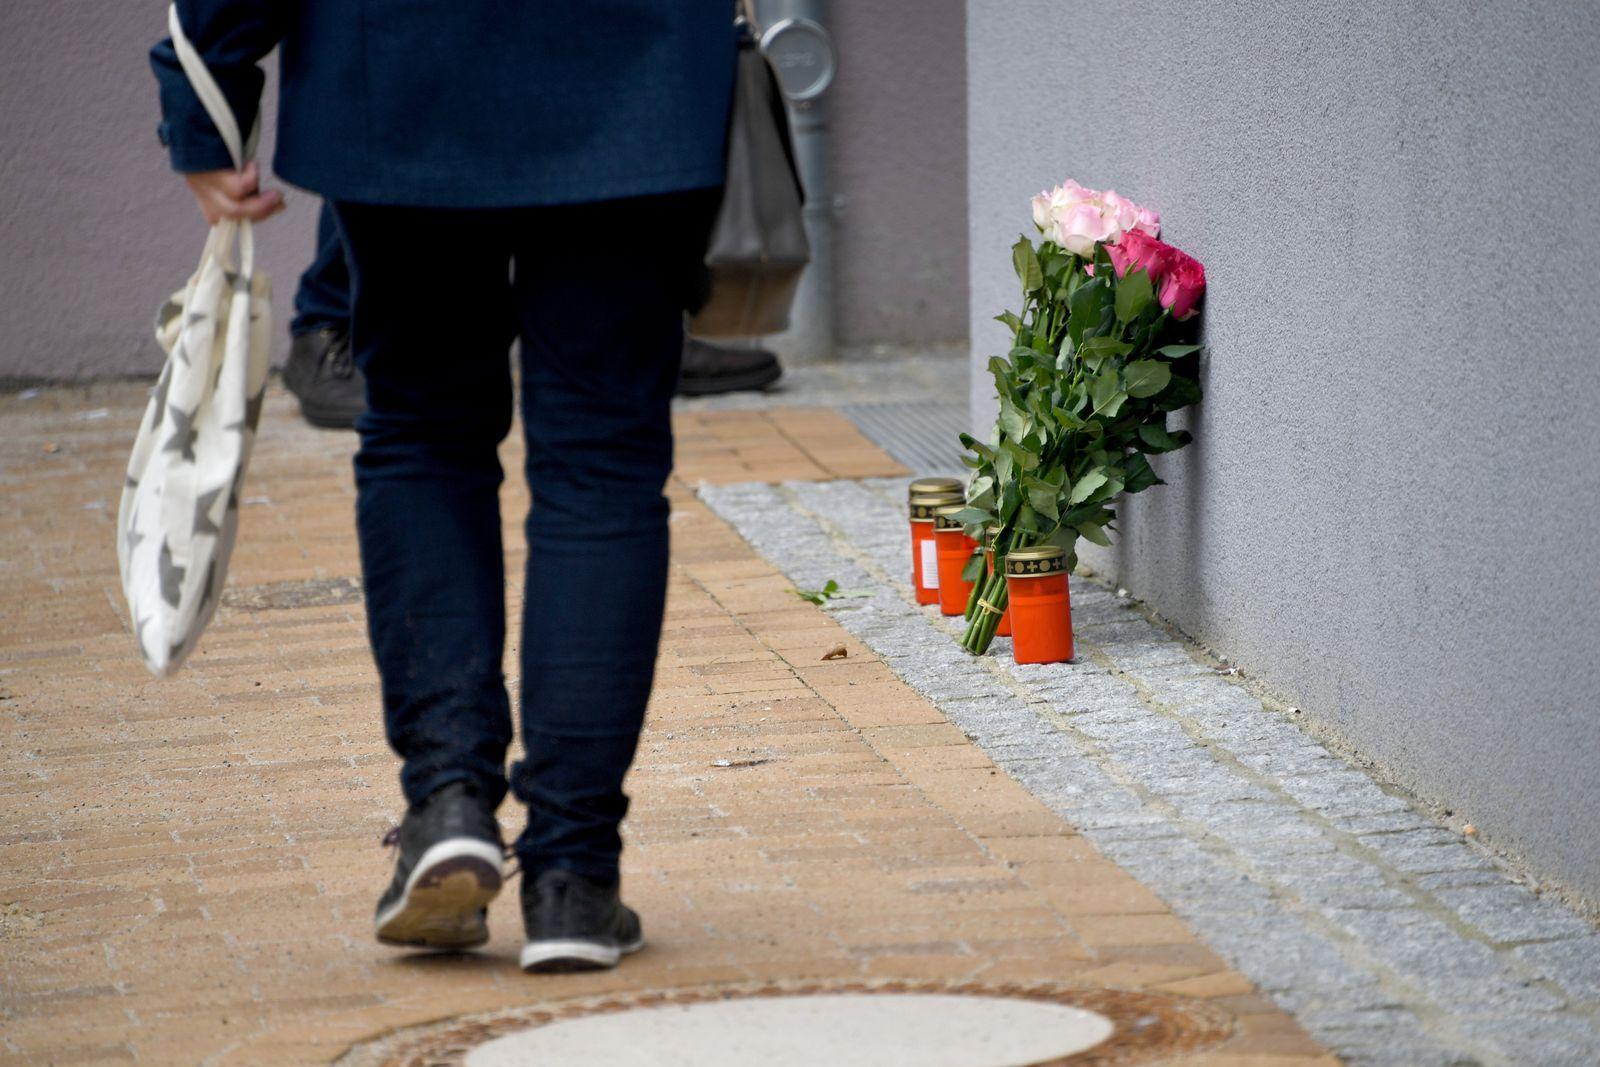 Nach tödlichen Messerstichen an 17-Jähriger in Flensburg